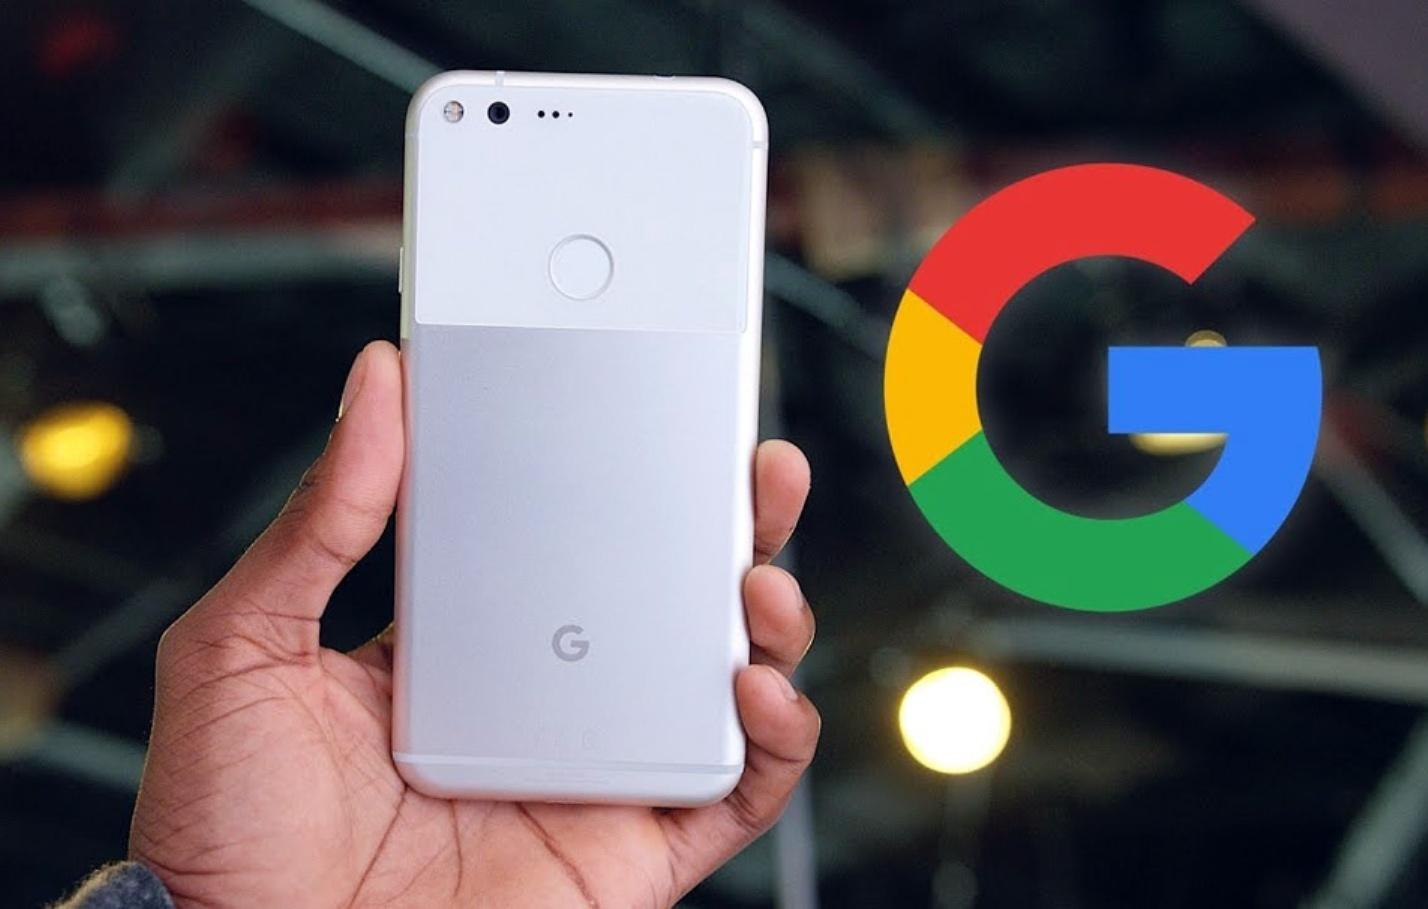 كيفية الإنتقالك من الايفون الى هاتف بيكسل الجديد من جوجل